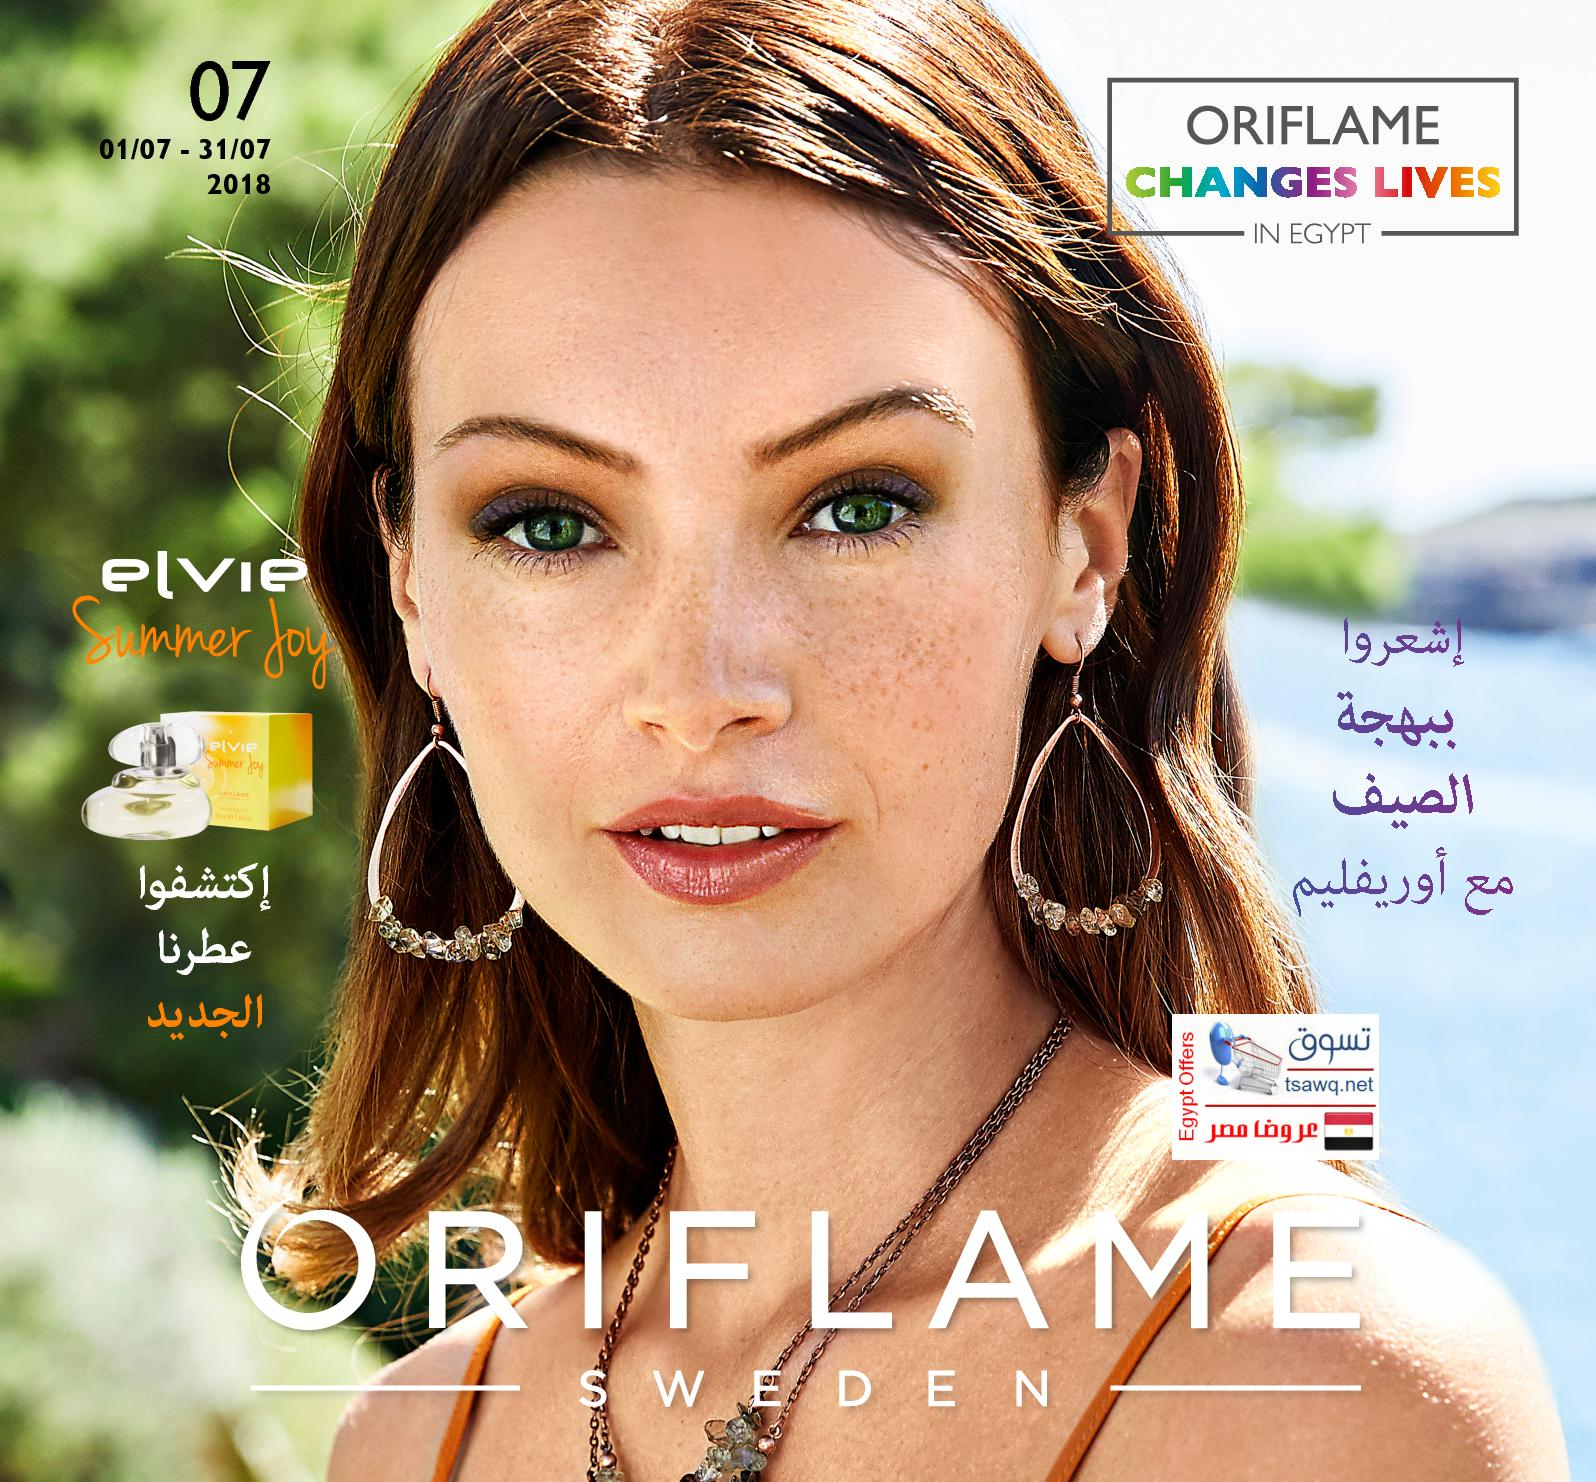 b14d01b3b Calaméo - Tsawq Net Oriflame Brochure Egypt 07 2018